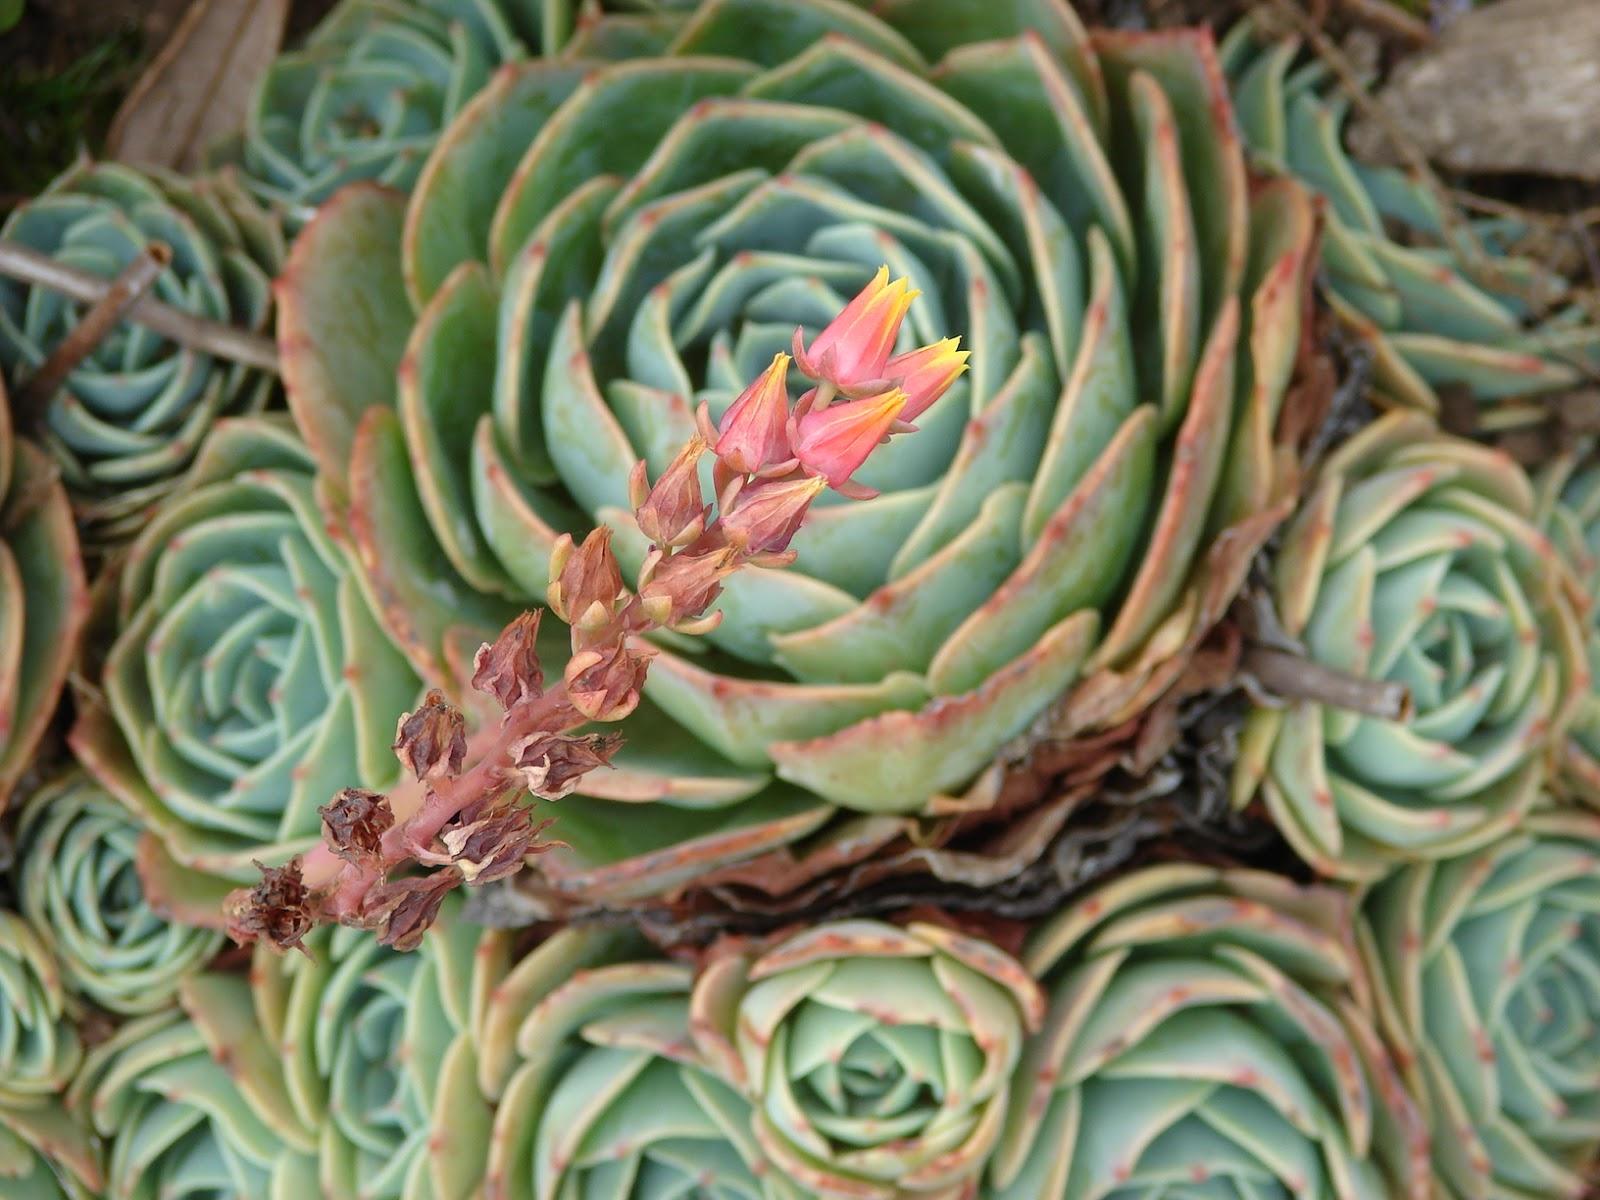 Paisajismo pueblos y jardines marzo 2013 for Plantas exoticas para jardin